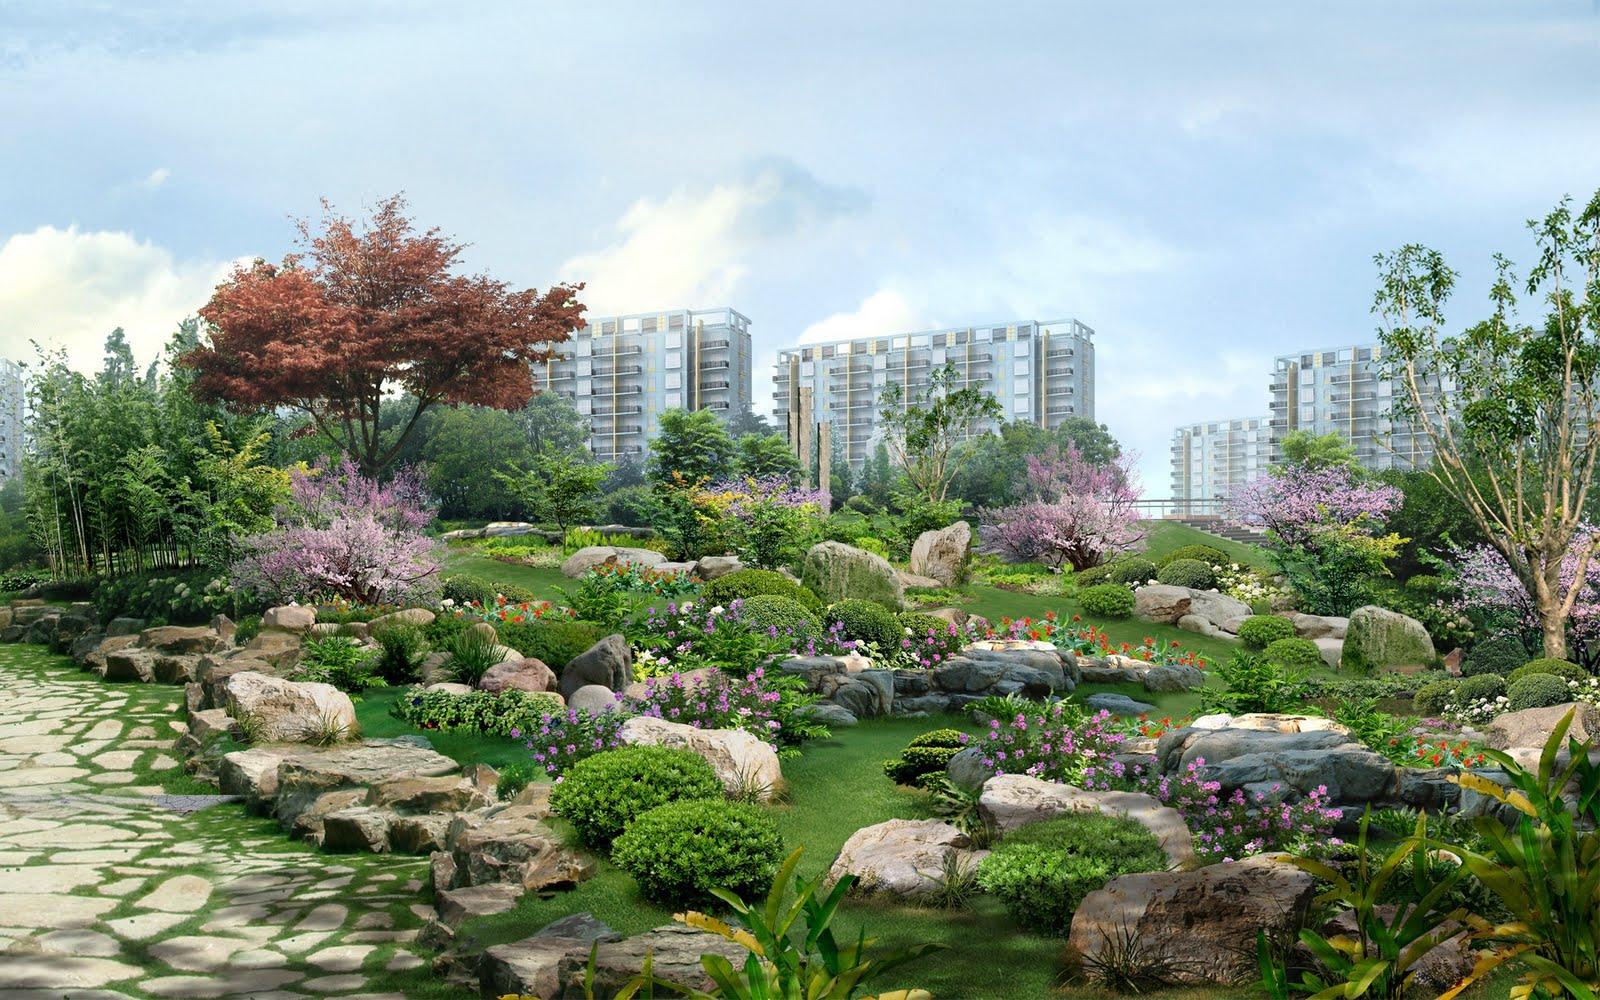 Bellísimos jardines en el Lejano Oriente (Japón) 1920x1200px